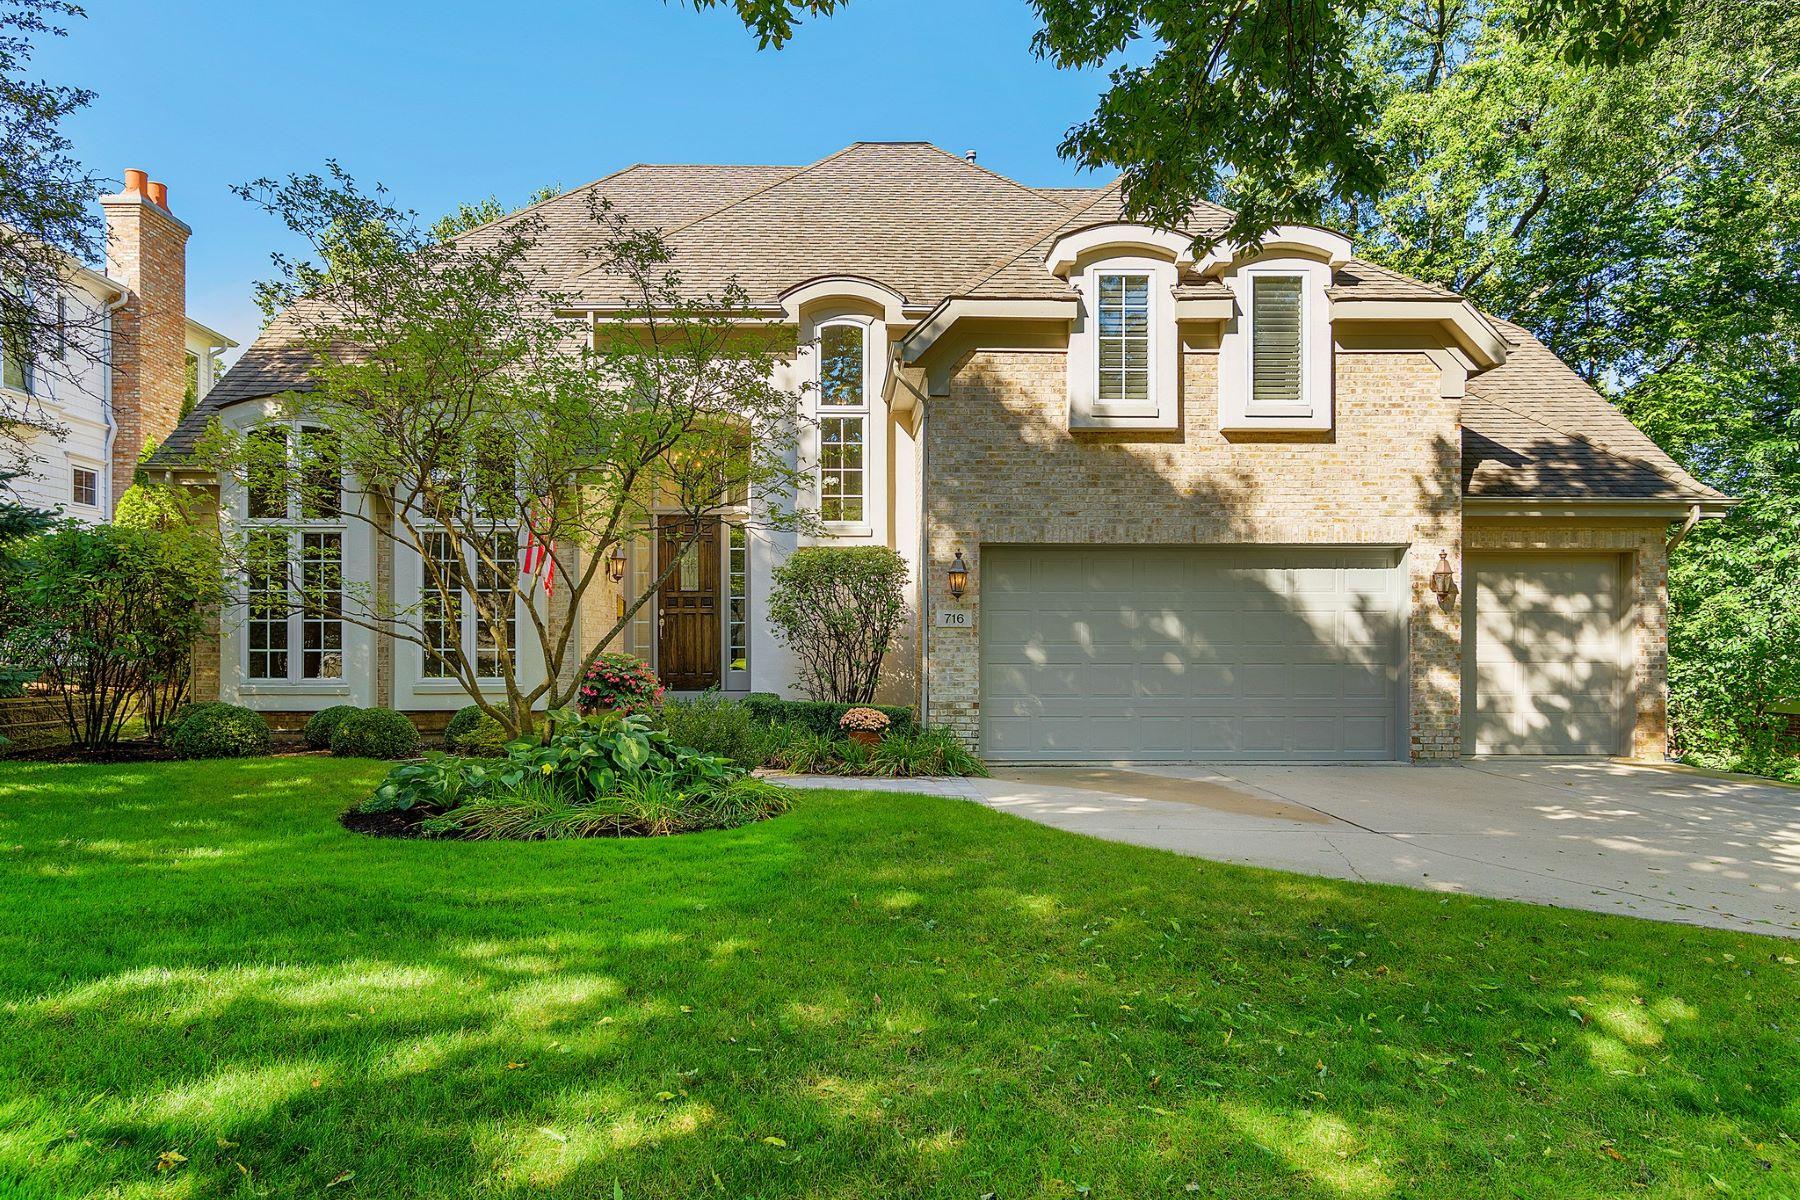 Einfamilienhaus für Verkauf beim 716 S Bruner St Hinsdale, Illinois, 60521 Vereinigte Staaten